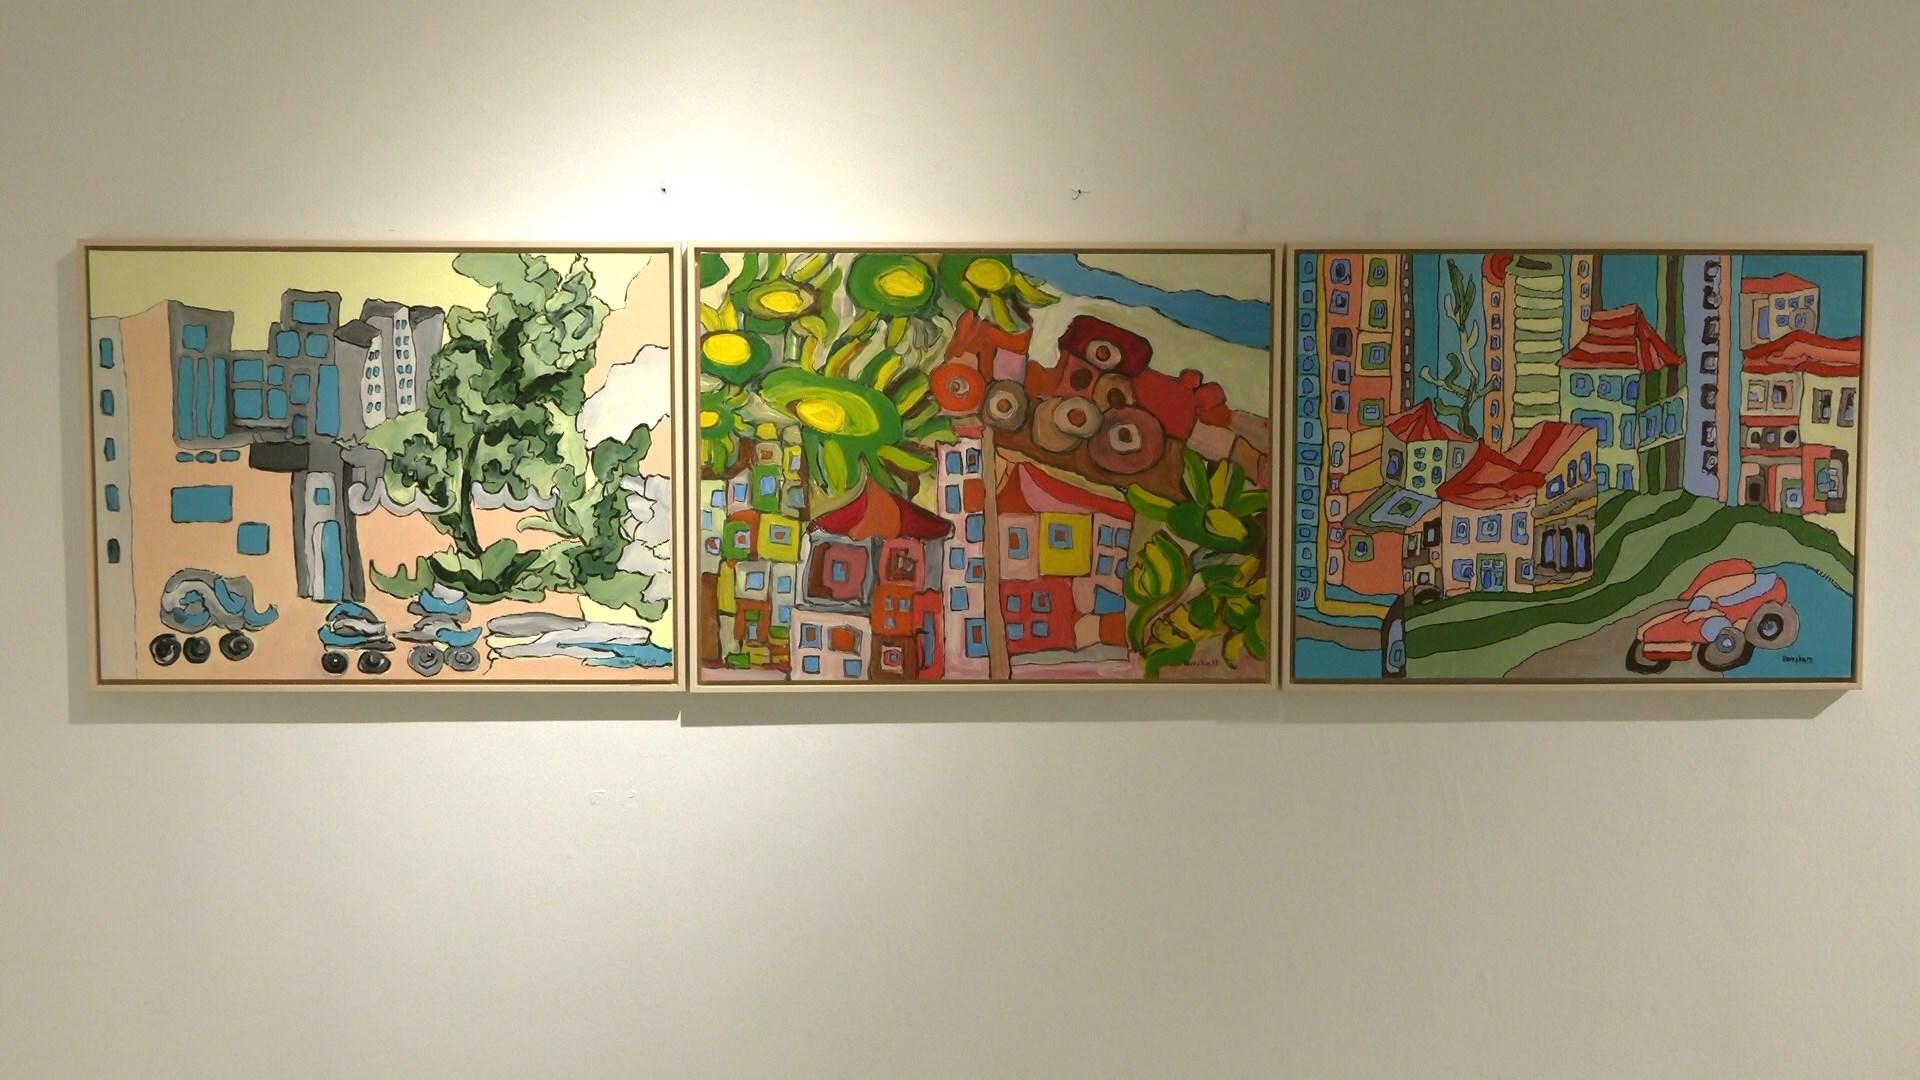 Emra të njohur të artit pamor vijnë me shqetësimet social-politike në ekspozitë